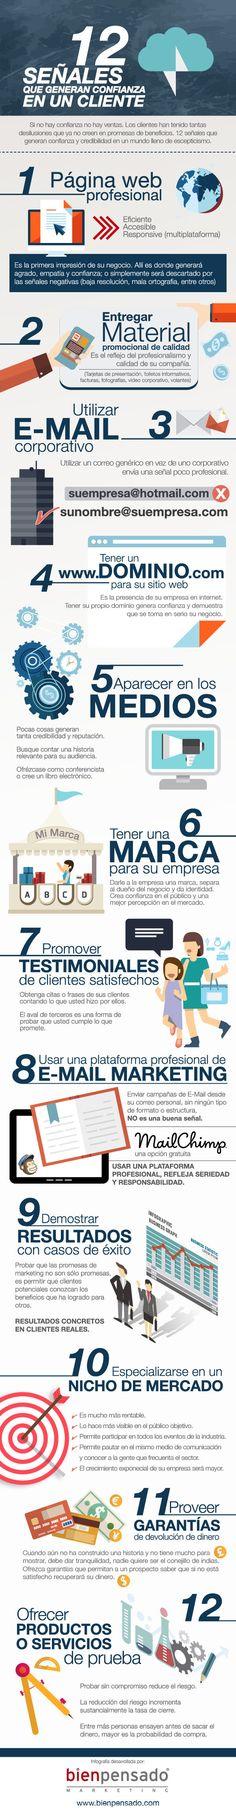 Infografia 12 señales que construyen confianza en un cliente